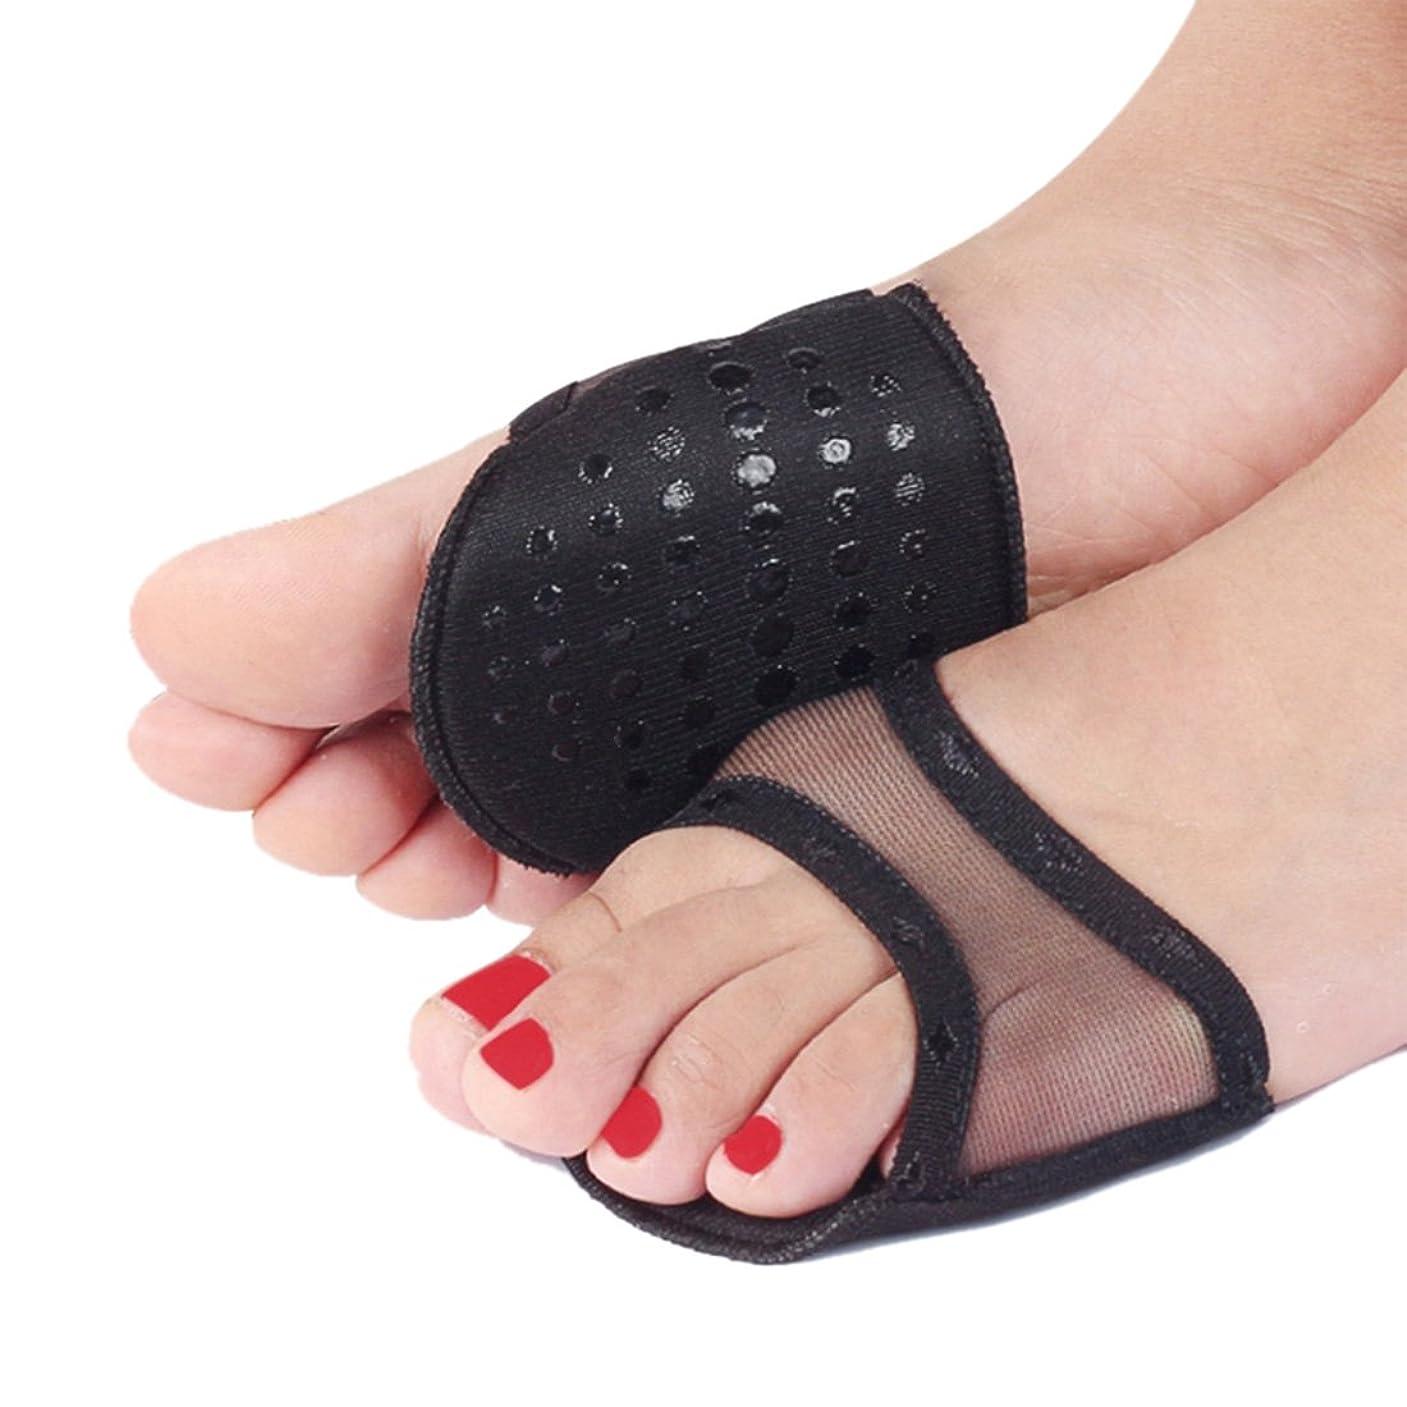 ウイルス意志に反するかかわらずFreahap 足裏パッド 足裏サポーター 2枚組 インソール 前足パッド 足底用 衝撃吸収 痛み和らげ おしゃれ デザイン 女子ハイヒール 柔らかい